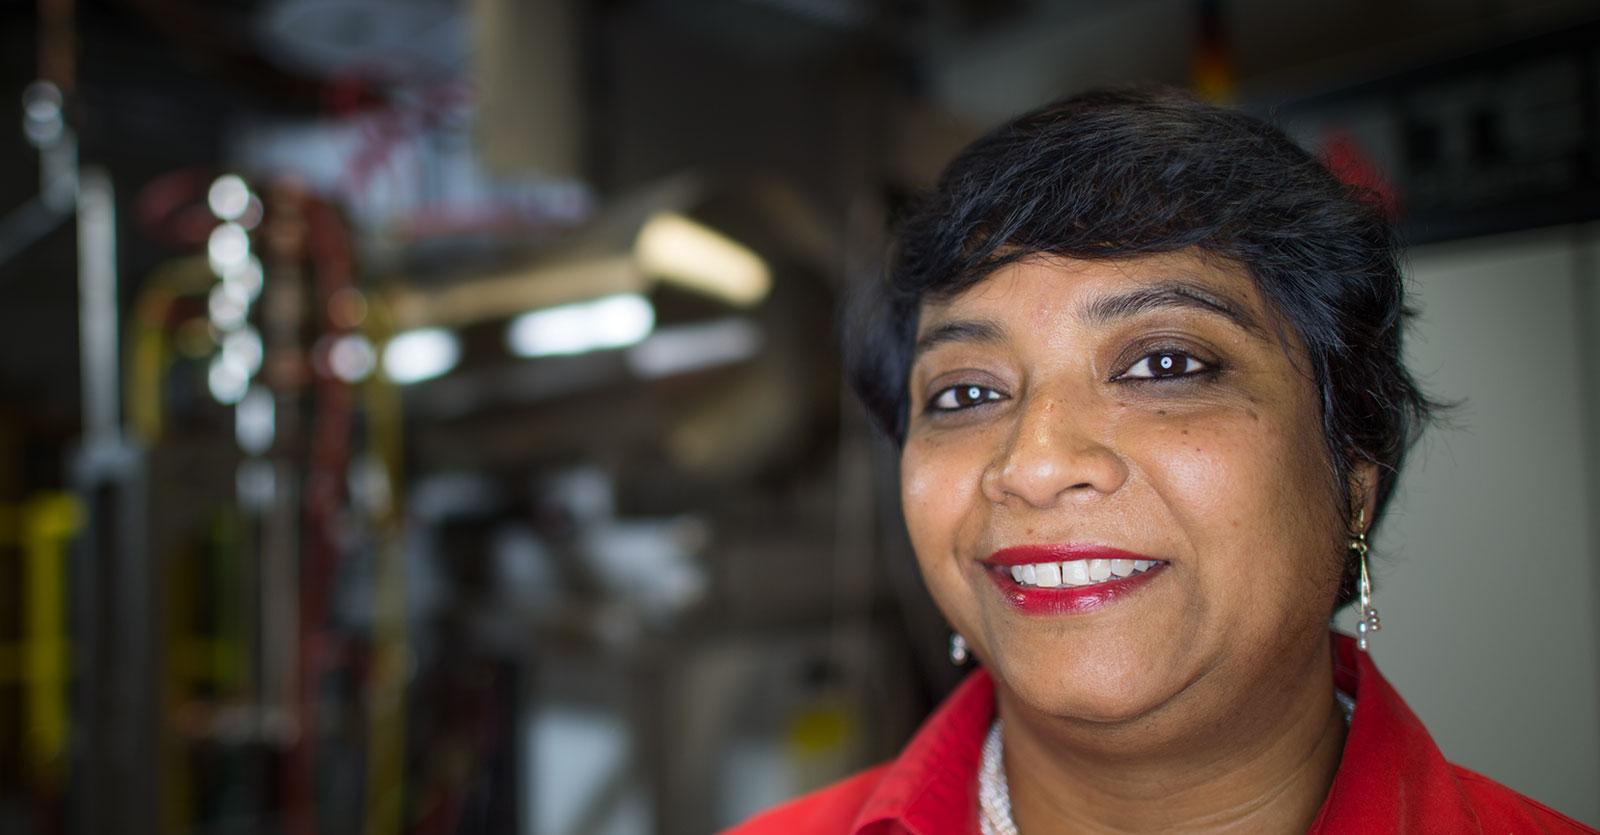 Susmita Bose